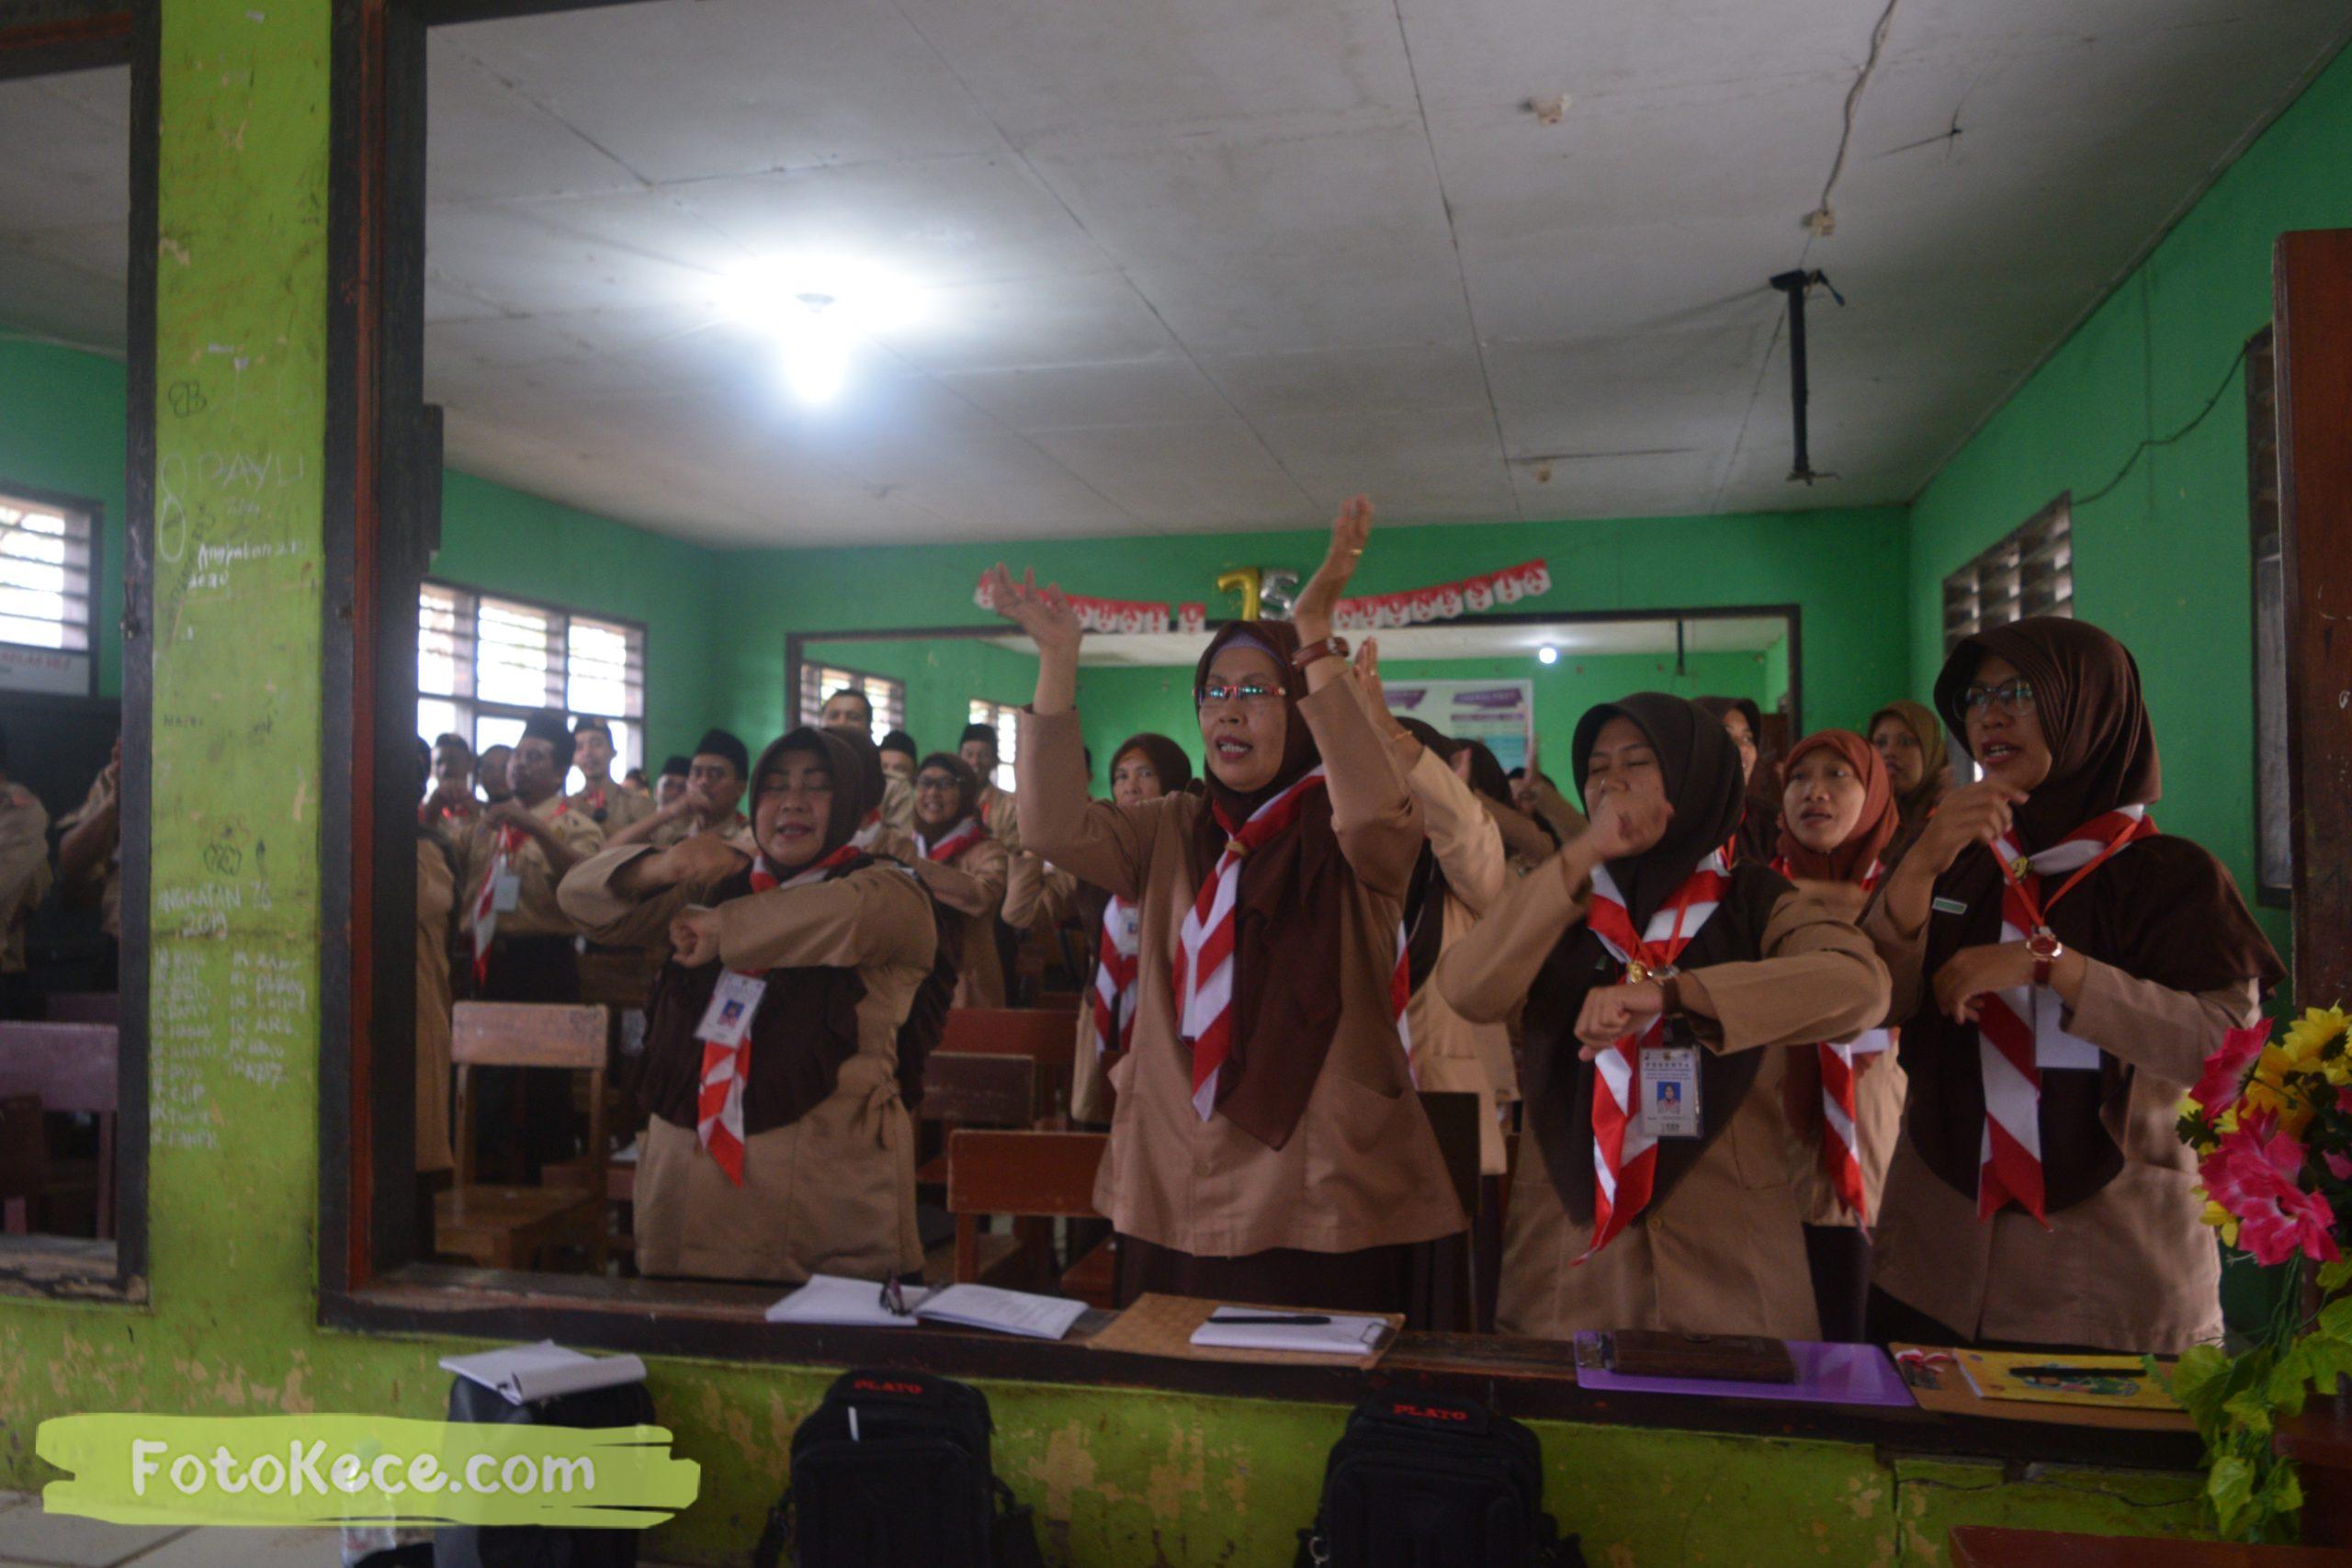 indoor kursus pembina mahir tingkat dasar kmd kwartir ranting surade 2019 fotokece Des 2019 63 scaled